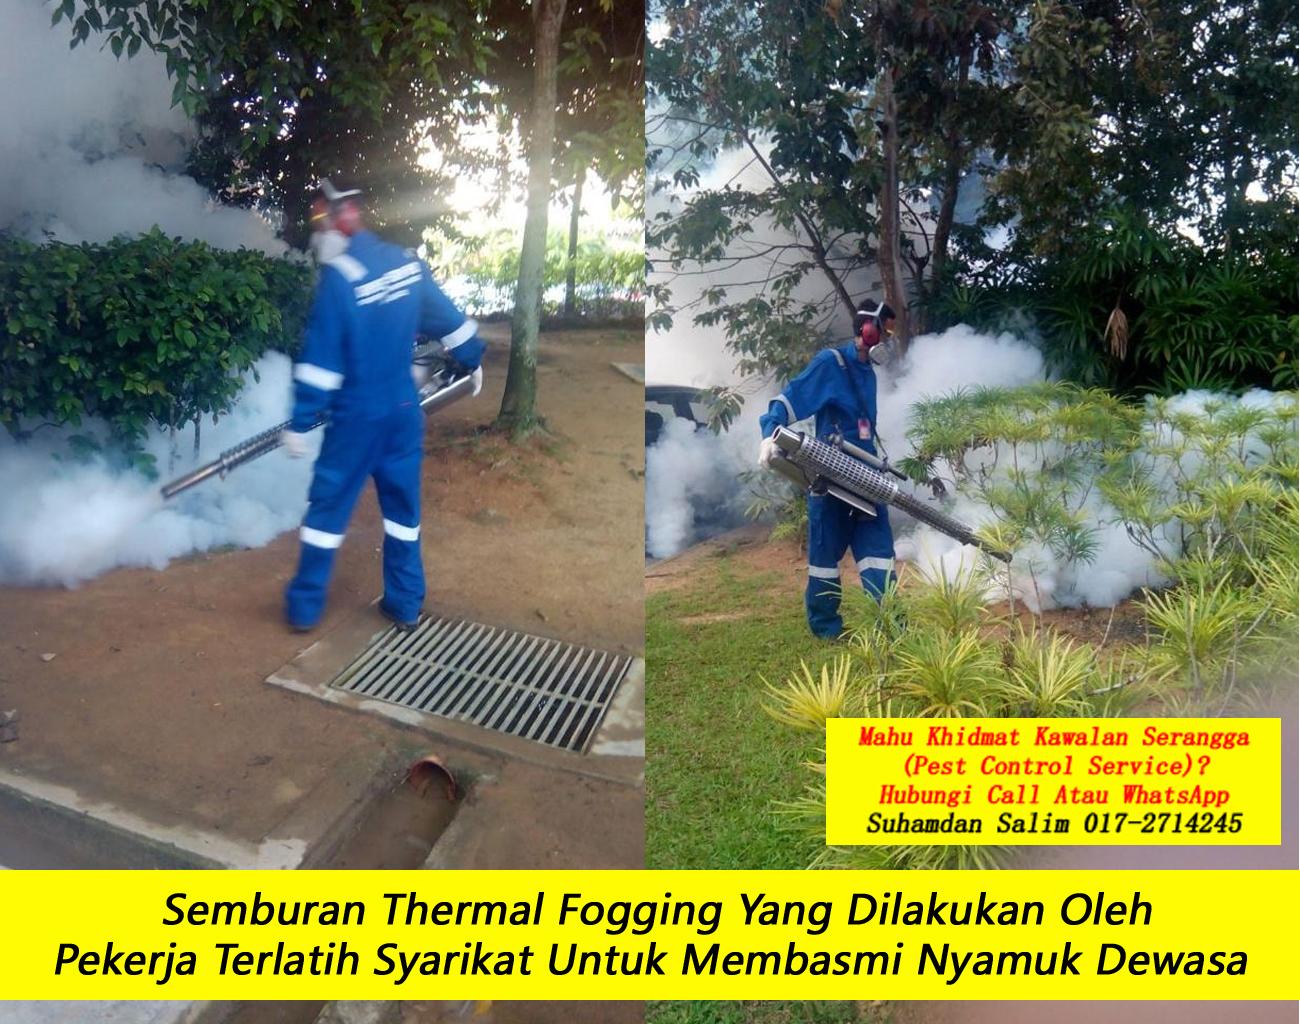 khidmat kawalan semburan nyamuk fogging larvaciding oleh syarikat kawalan serangga company pest control Chow Kit kl felda perumahan kawasan perindustrian near me